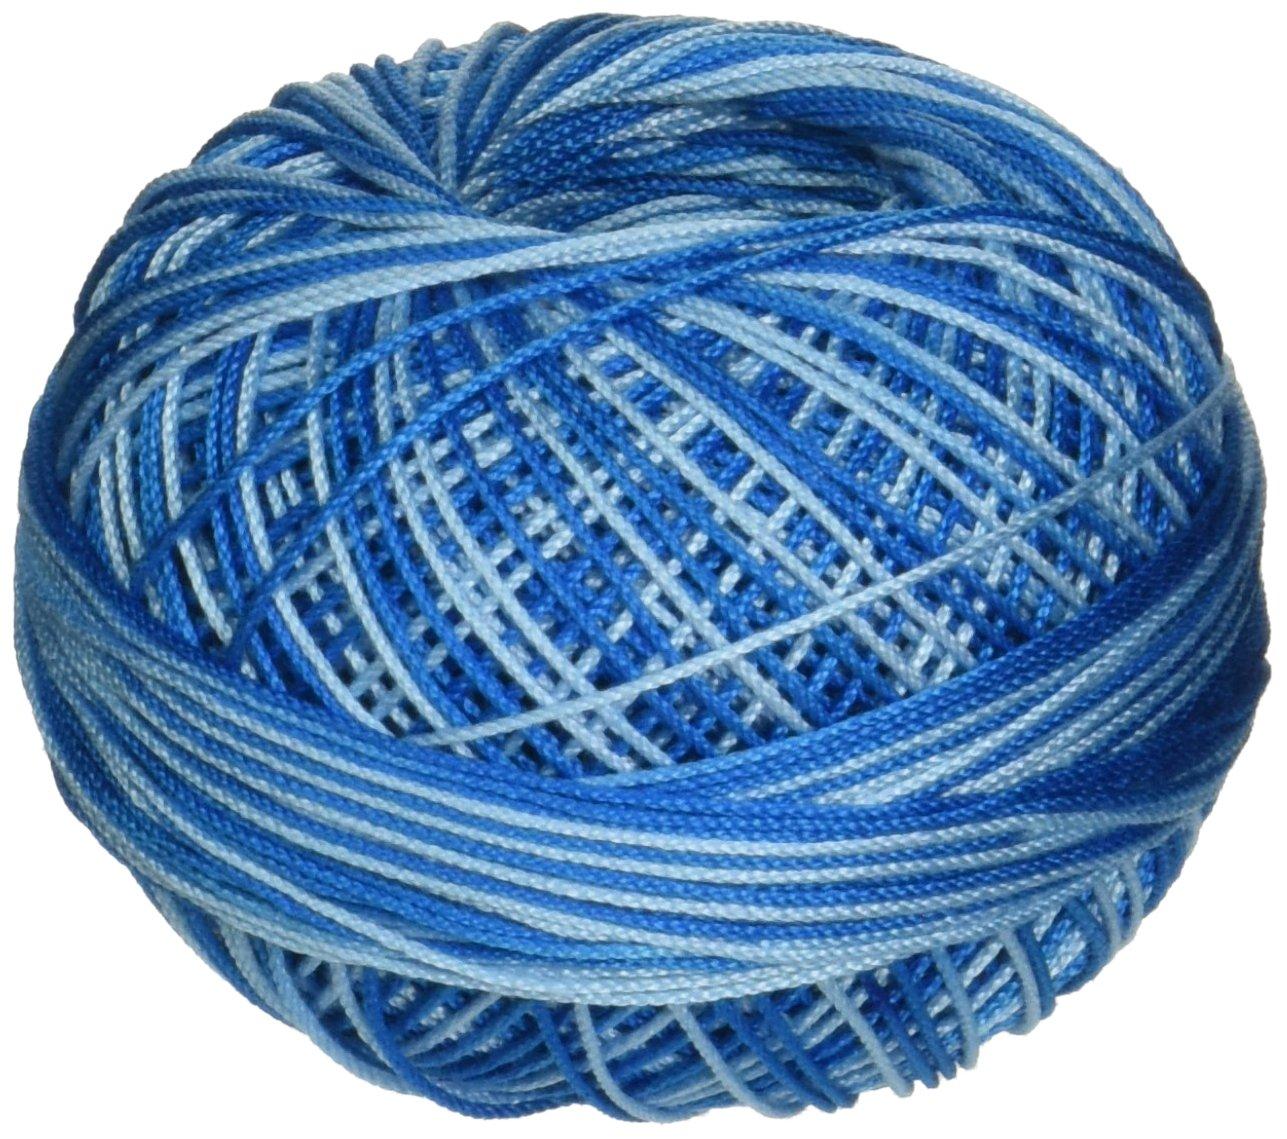 Handy Hands HH10-122 Embroidery Lizbeth Cordonnet Cotton Size 10-Caribbean